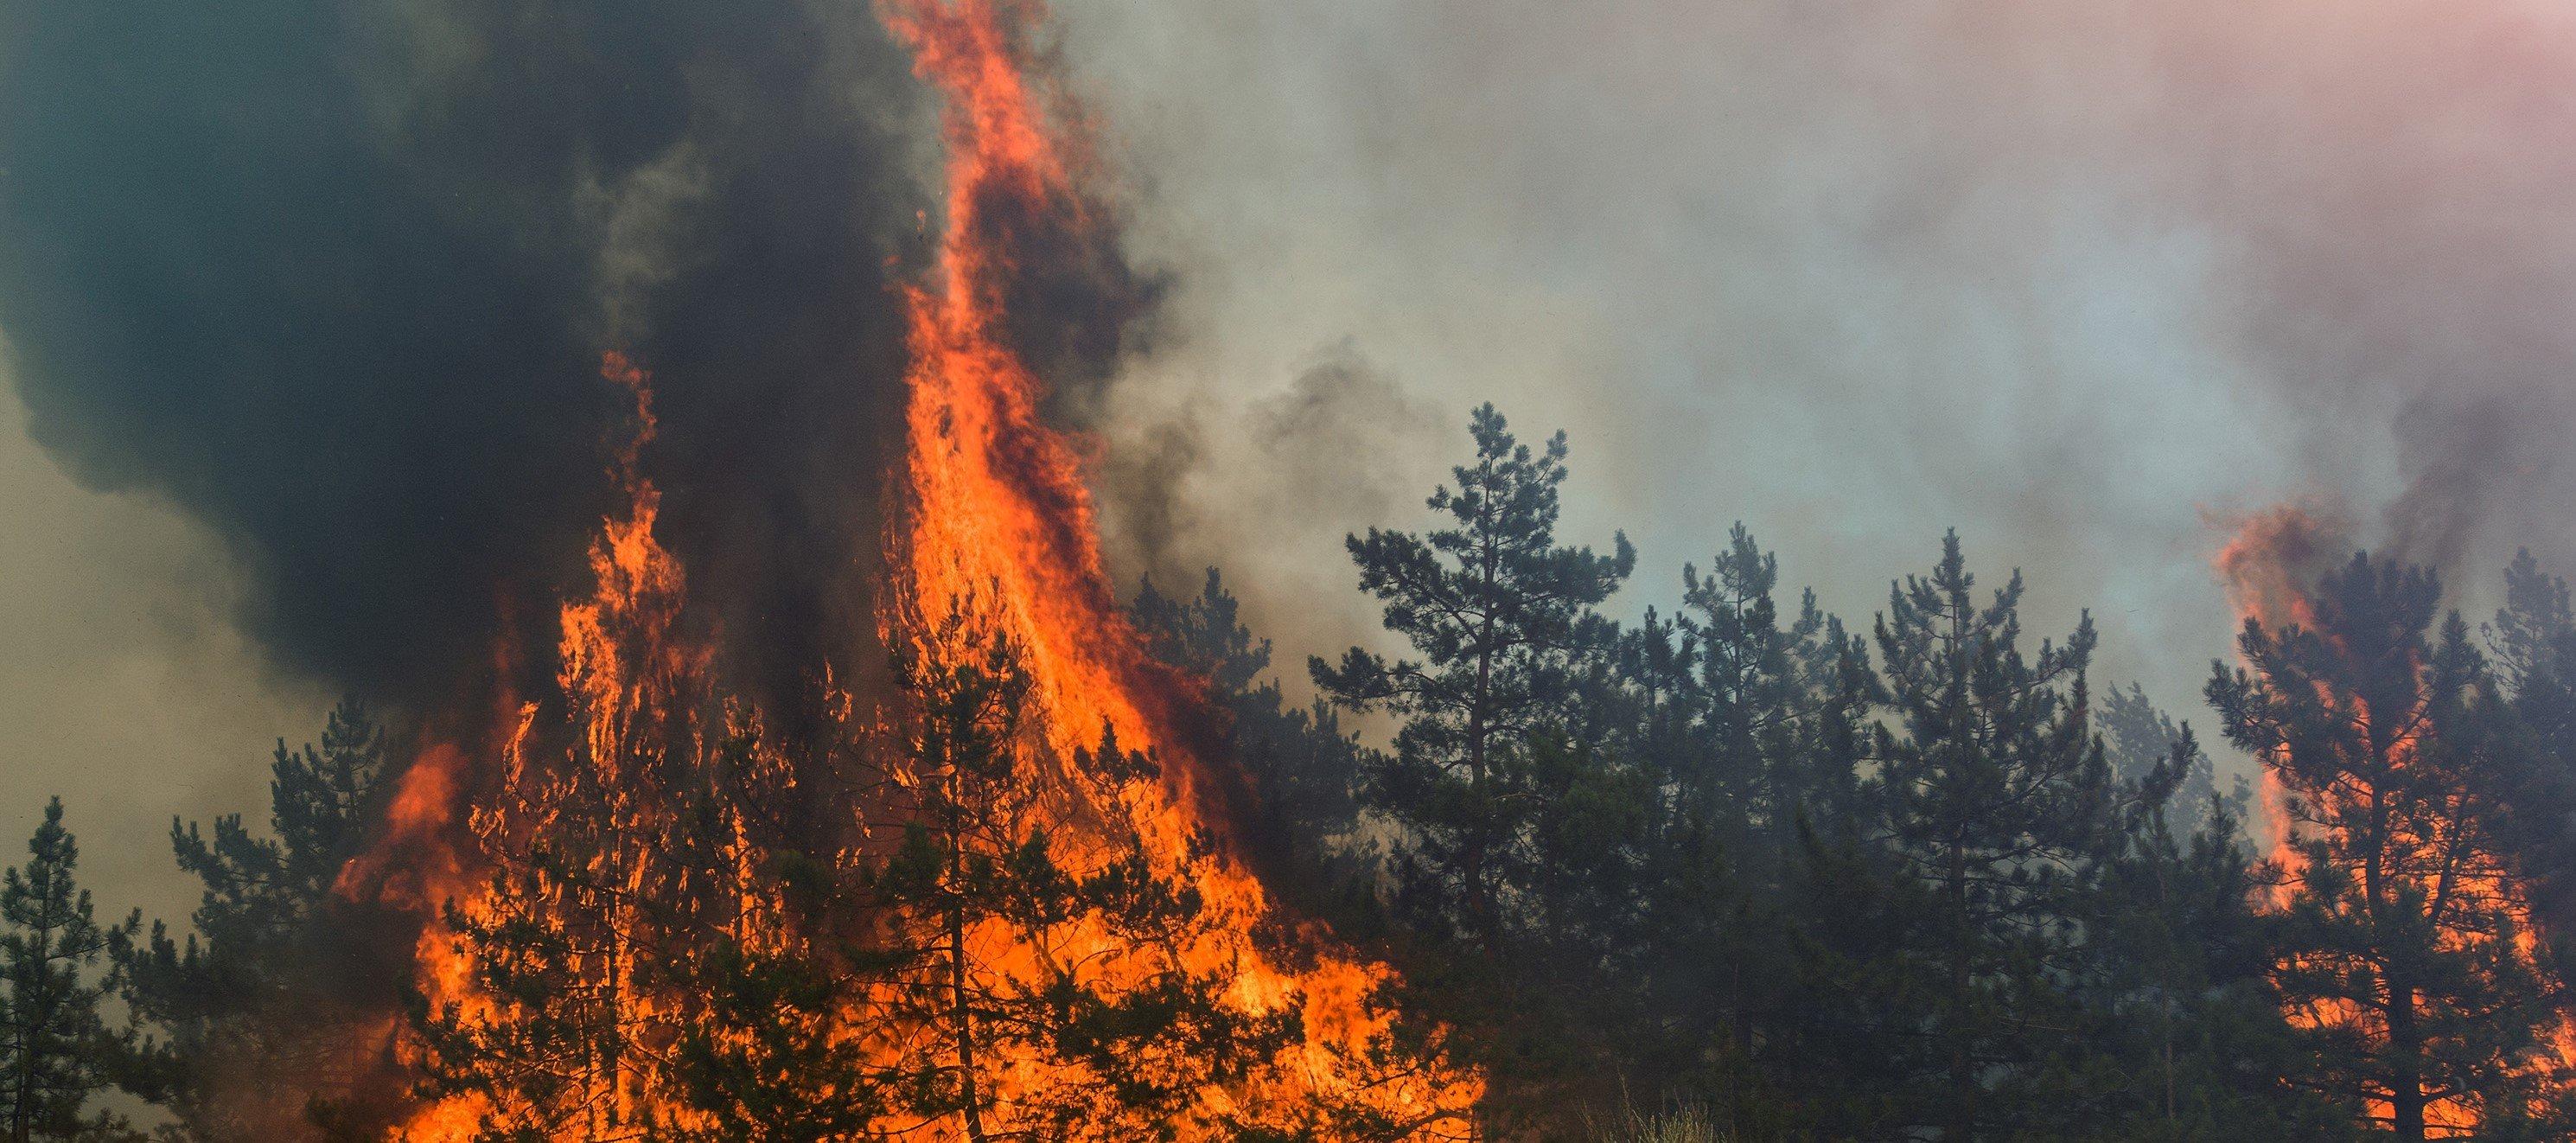 In Deutschland herrscht regional große Waldbrandgefahr. Quelle: WetterOnline